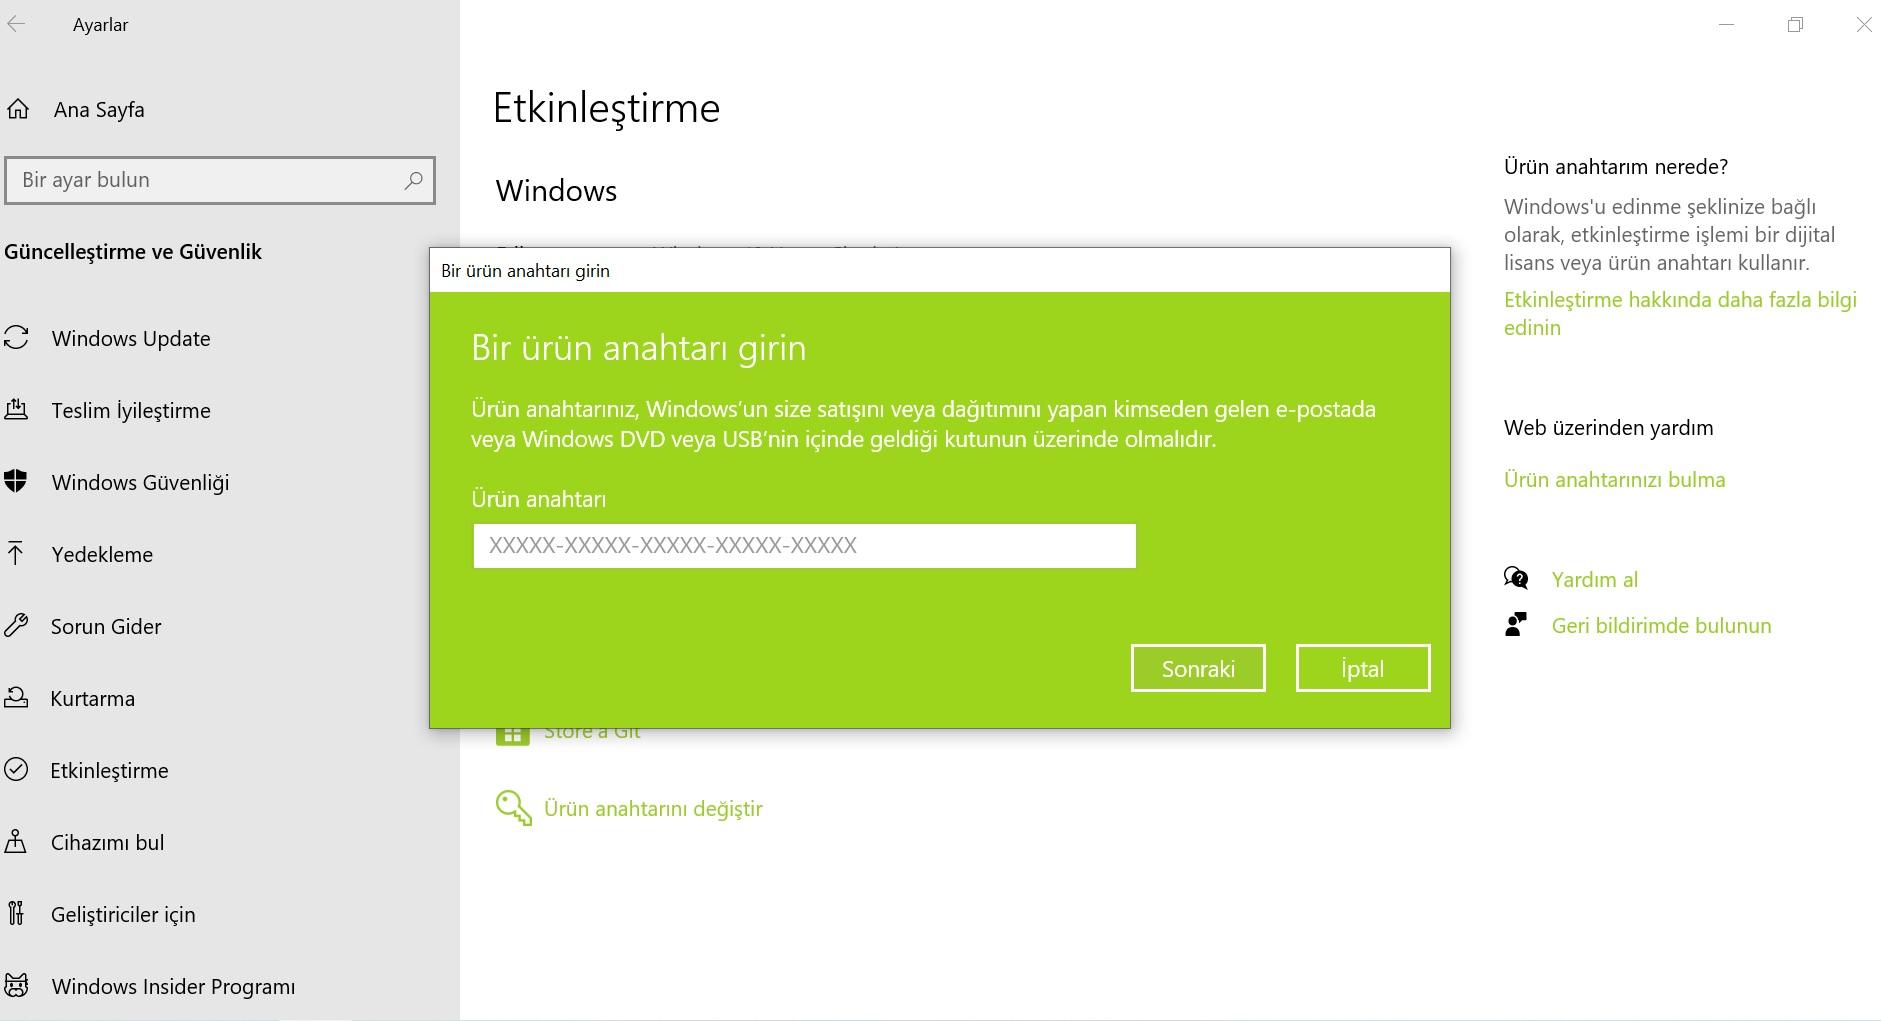 windows ürün anahtarı